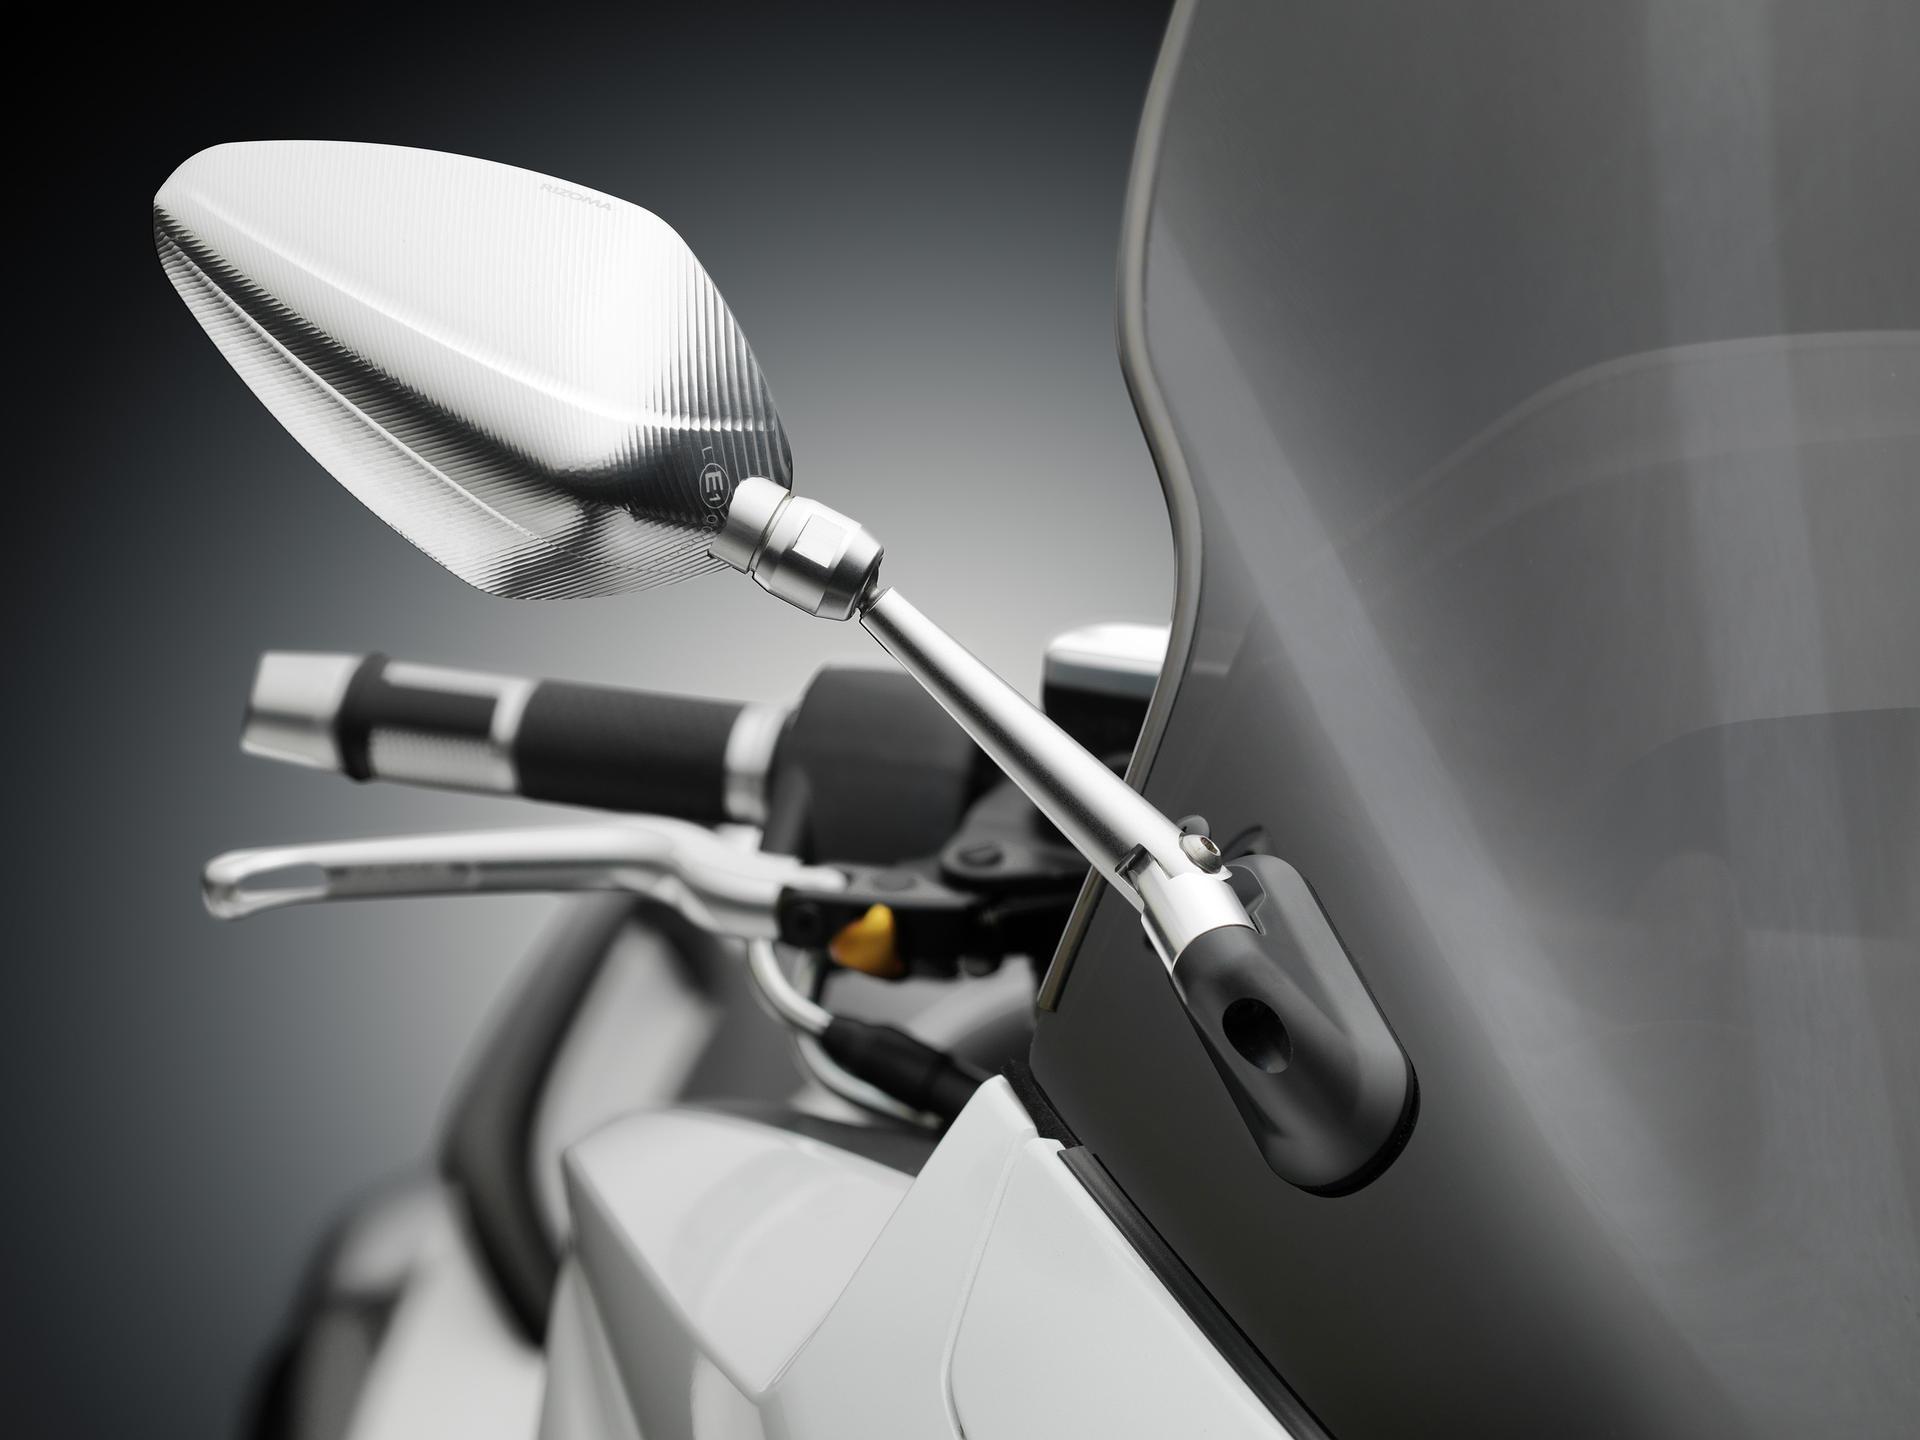 【RIZOMA】後視鏡用轉接座 (整流罩固定型) - 「Webike-摩托百貨」